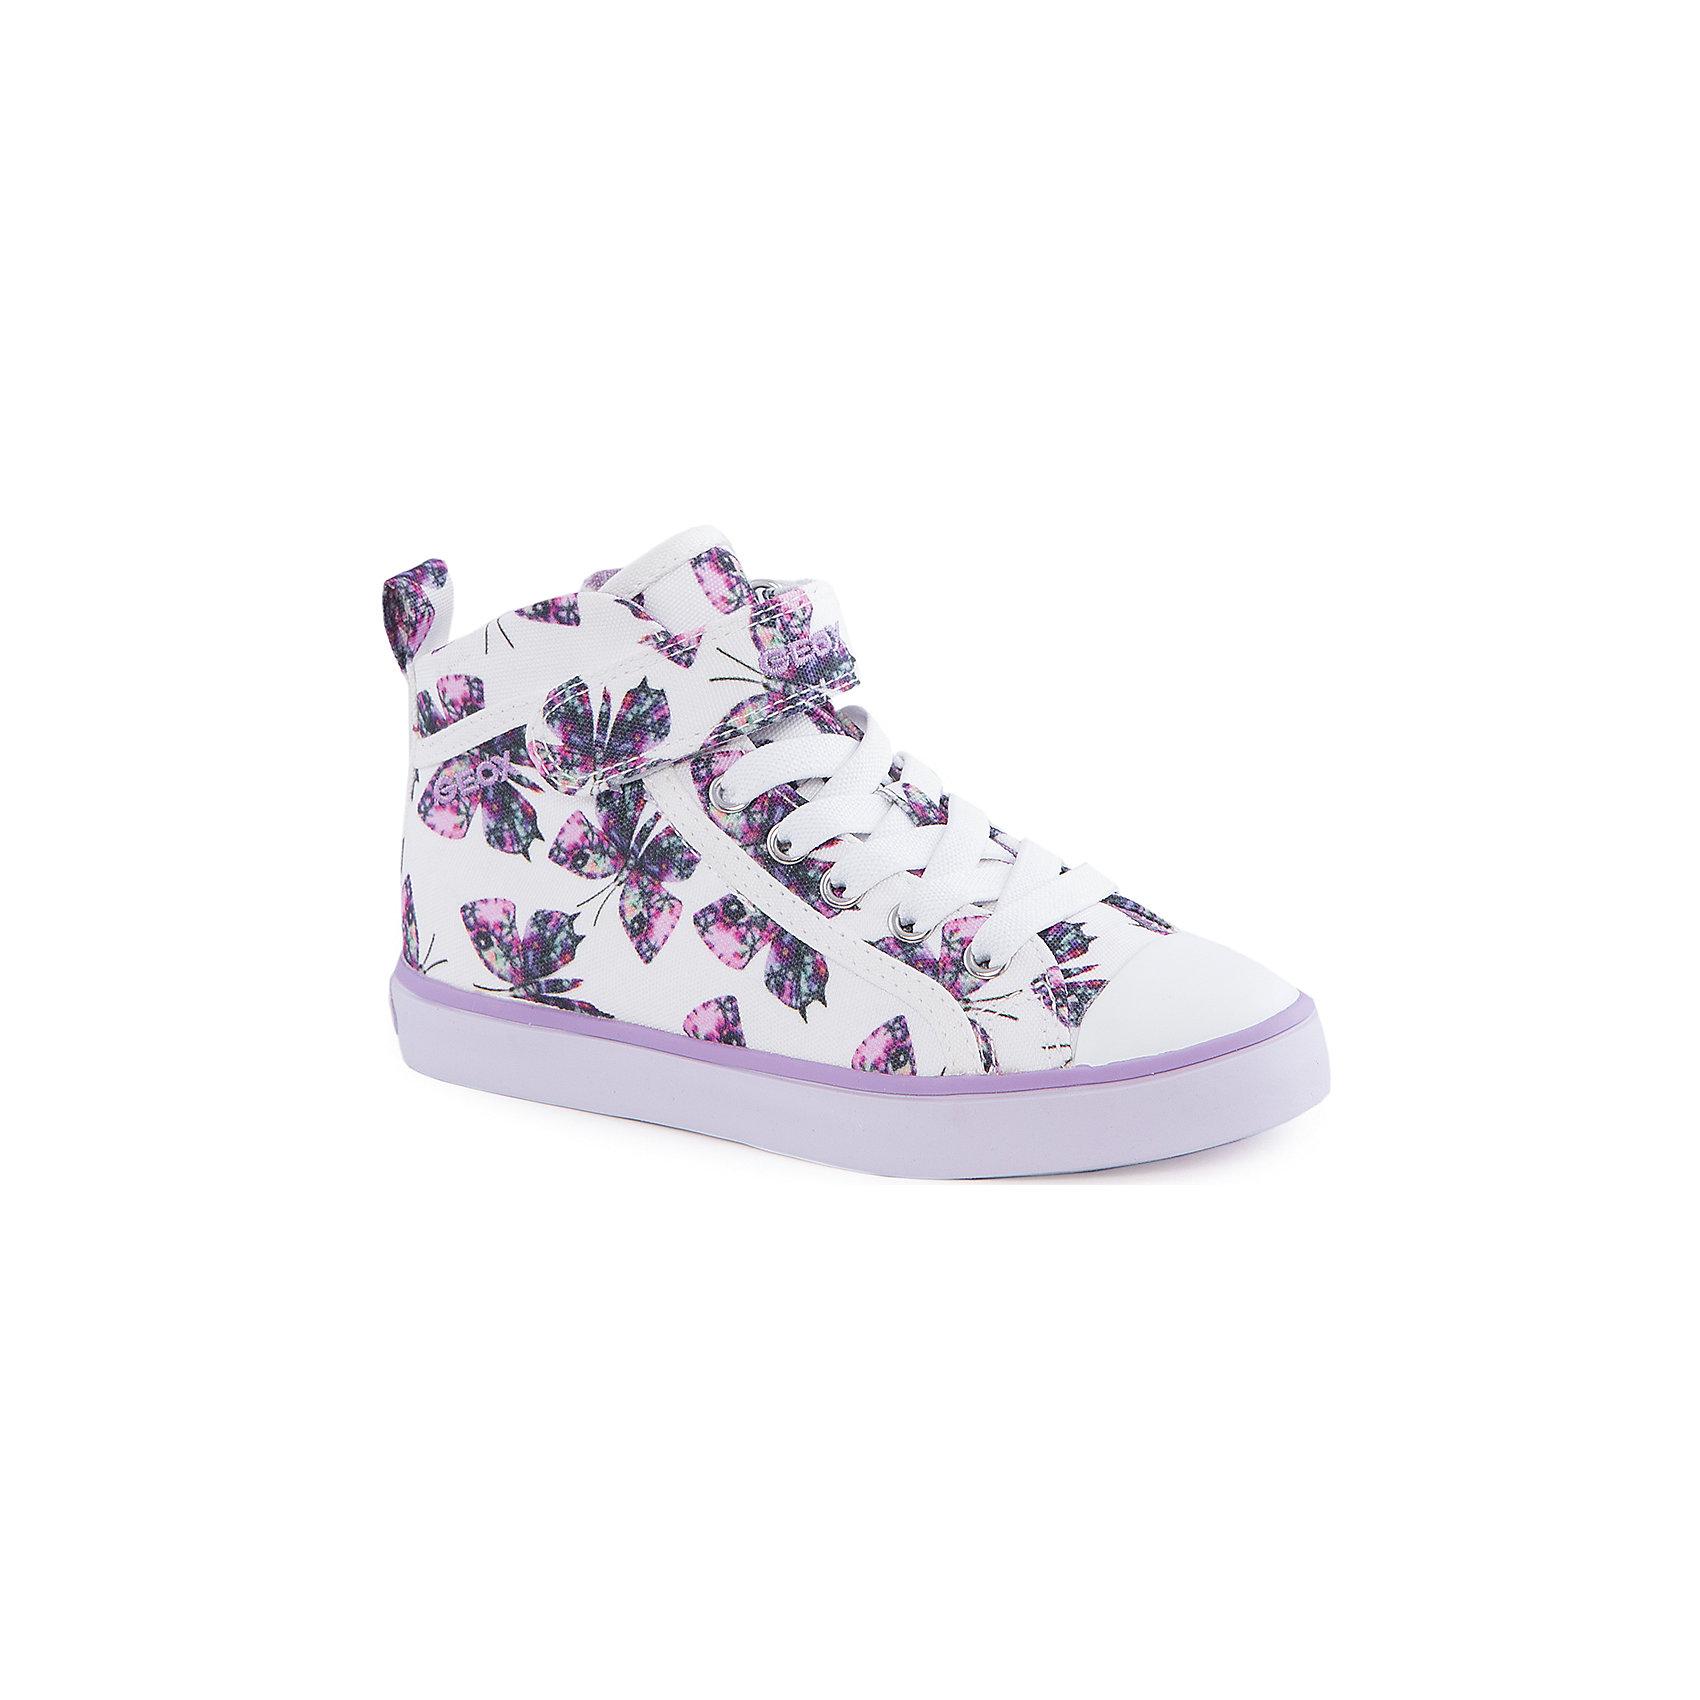 Кеды для девочки GeoxКеды<br>Ботинки для девочки от популярной марки GEOX (Геокс).<br><br>Эти светлые Ботинки с принтом - отличная обувь для нового весеннего сезона. Модель очень стильно и оригинально смотрится.<br>Производитель обуви заботится не только о внешнем виде, но и стабильно высоком качестве продукции. GEOX (Геокс) разработал специальную дышащую подошву, которая не пропускает влагу внутрь, а также высокотехнологичную стельку.<br><br>Отличительные особенности модели:<br><br>- цвет: белый;<br>- украшены принтом с бабочками;<br>- гибкая водоотталкивающая подошва с дышащей мембраной;<br>- мягкий и легкий верх;<br>- защита пальцев;<br>- стильный дизайн;<br>- удобная застежка-молния сбоку, шнуровка, липучка;<br>- комфортное облегание;<br>- верх обуви и подкладка сделаны без использования хрома.<br><br>Дополнительная информация:<br><br>- Температурный режим: от +10° С до 25° С.<br><br>- Состав:<br><br>материал верха: текстиль, синтетический материал<br>материал подкладки: текстиль<br>подошва: 100% резина<br><br>Ботинки для девочки GEOX (Геокс) (Геокс) можно купить в нашем магазине.<br><br>Ширина мм: 250<br>Глубина мм: 150<br>Высота мм: 150<br>Вес г: 250<br>Цвет: белый<br>Возраст от месяцев: 96<br>Возраст до месяцев: 108<br>Пол: Женский<br>Возраст: Детский<br>Размер: 32,35,29,34,37,31,36,33,30,28,27,26<br>SKU: 4519105